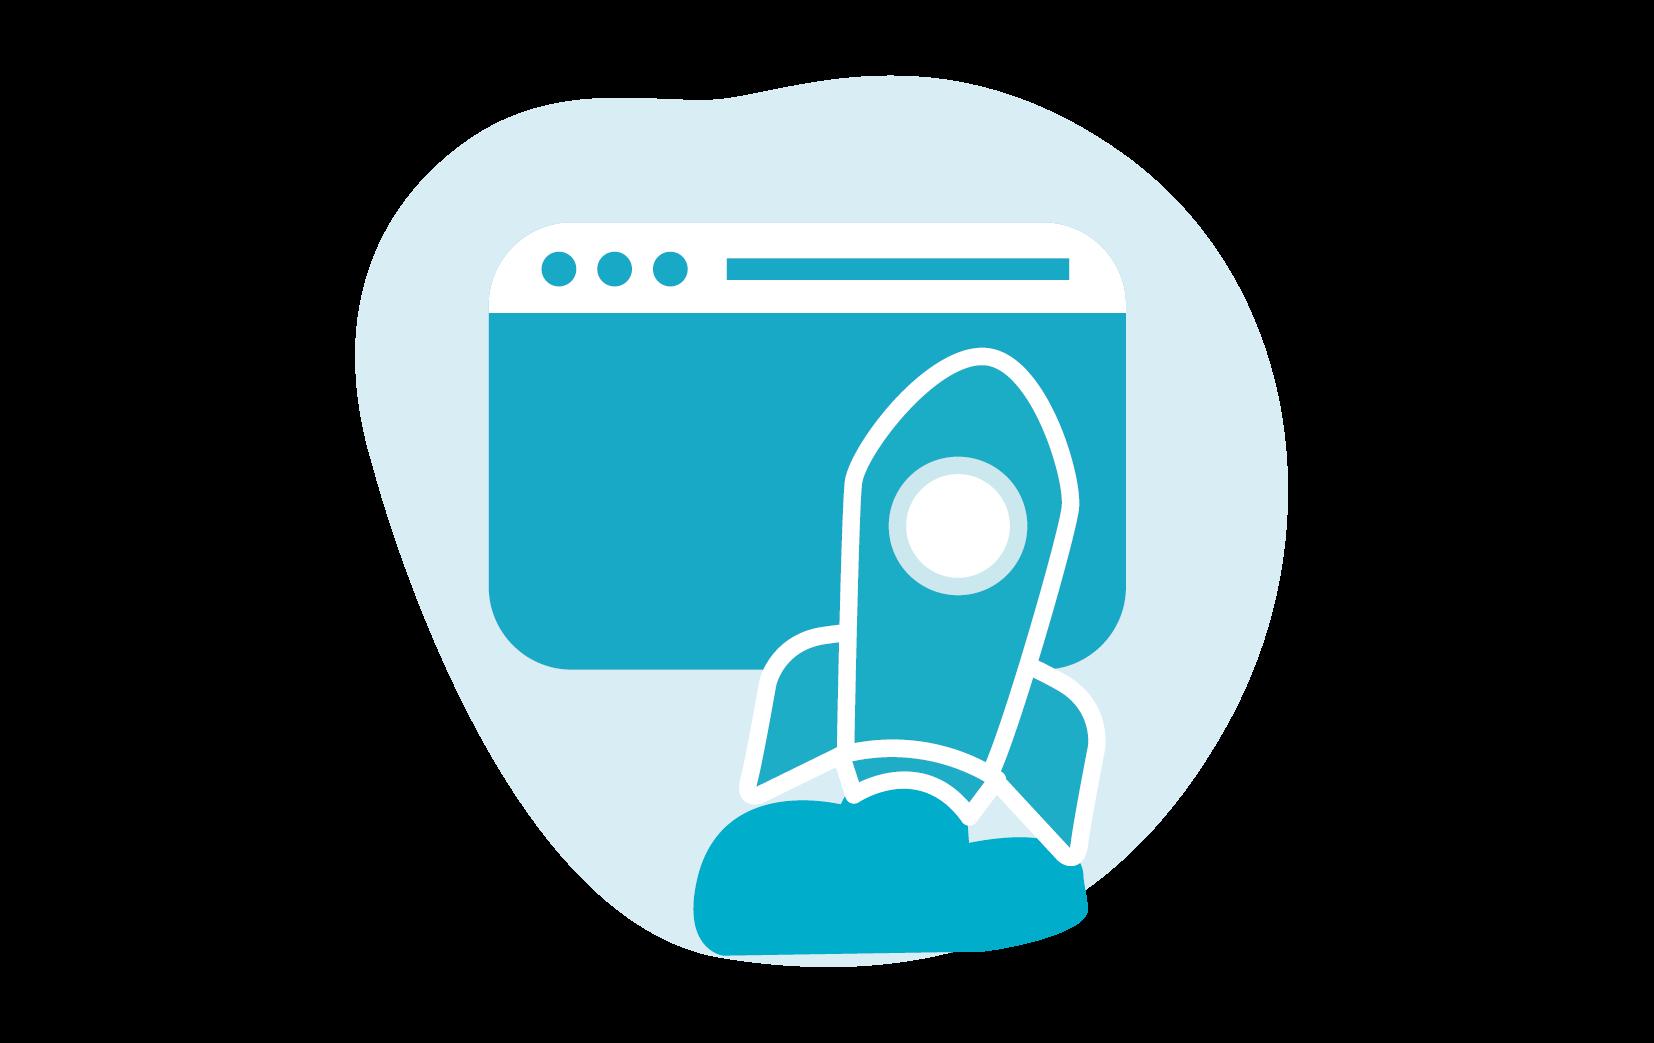 Icoon van een raket die naar een website vliegt